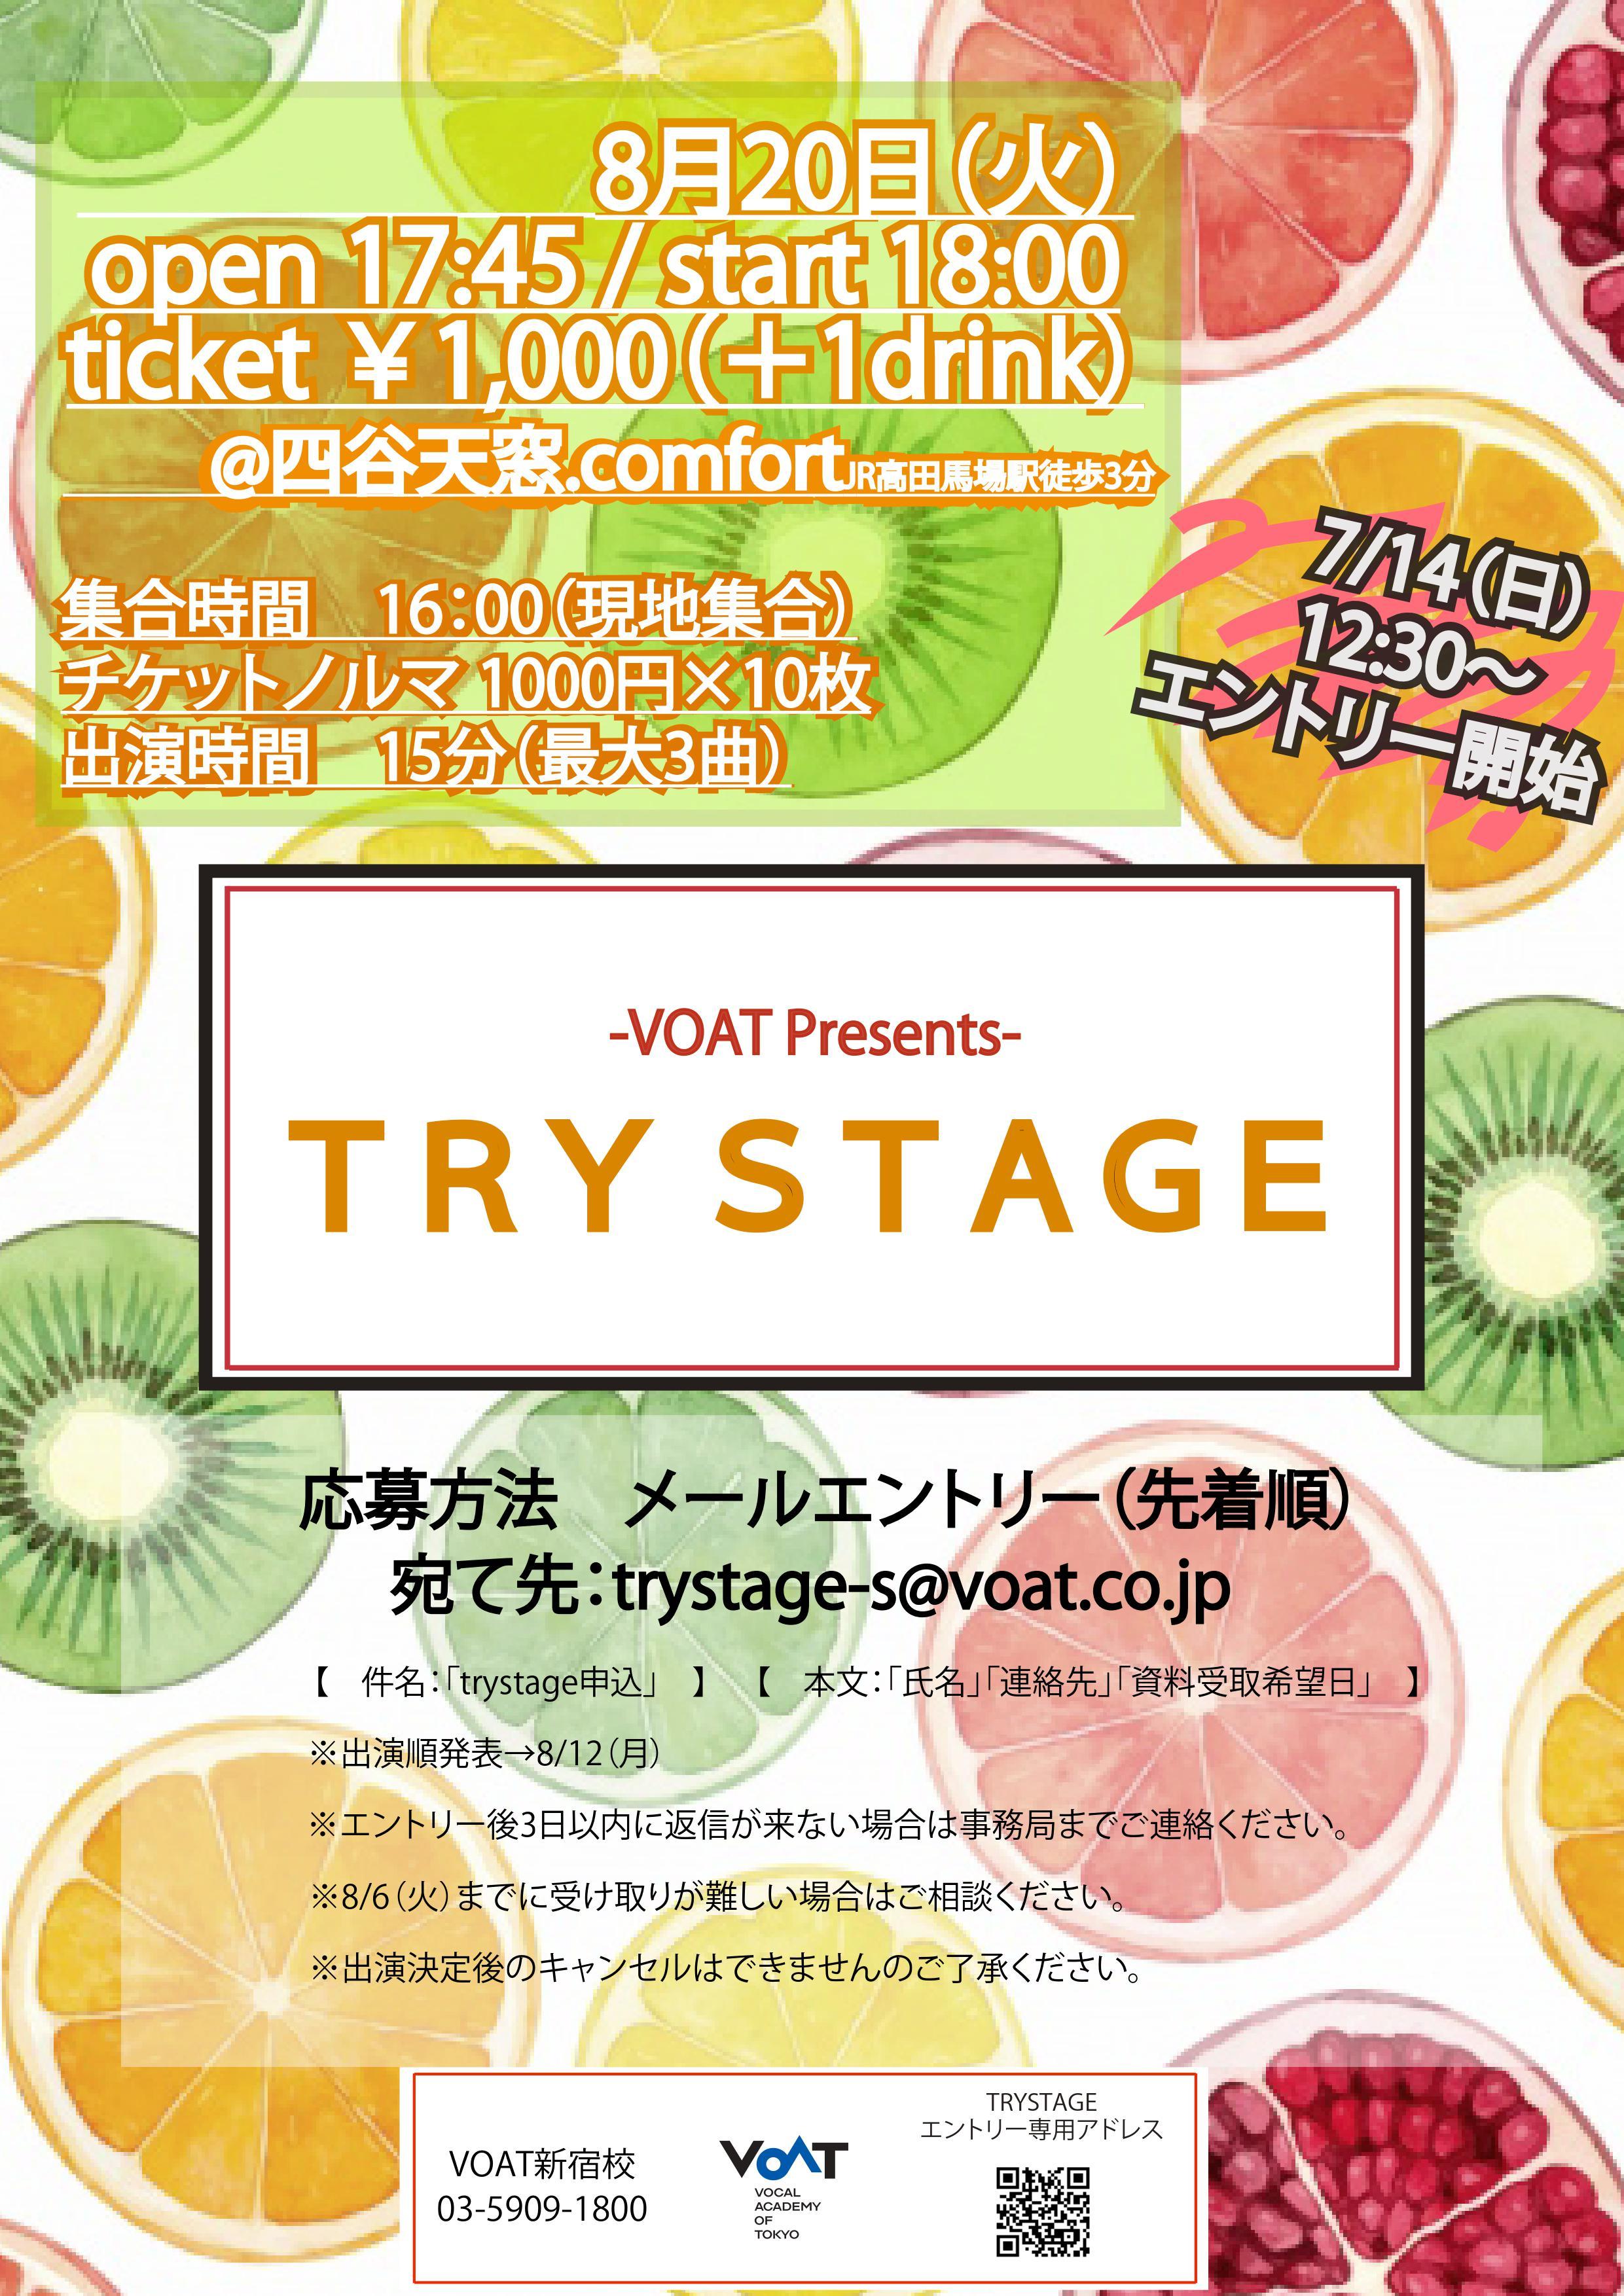 【東京】8/20(火) TRY STAGE を開催します